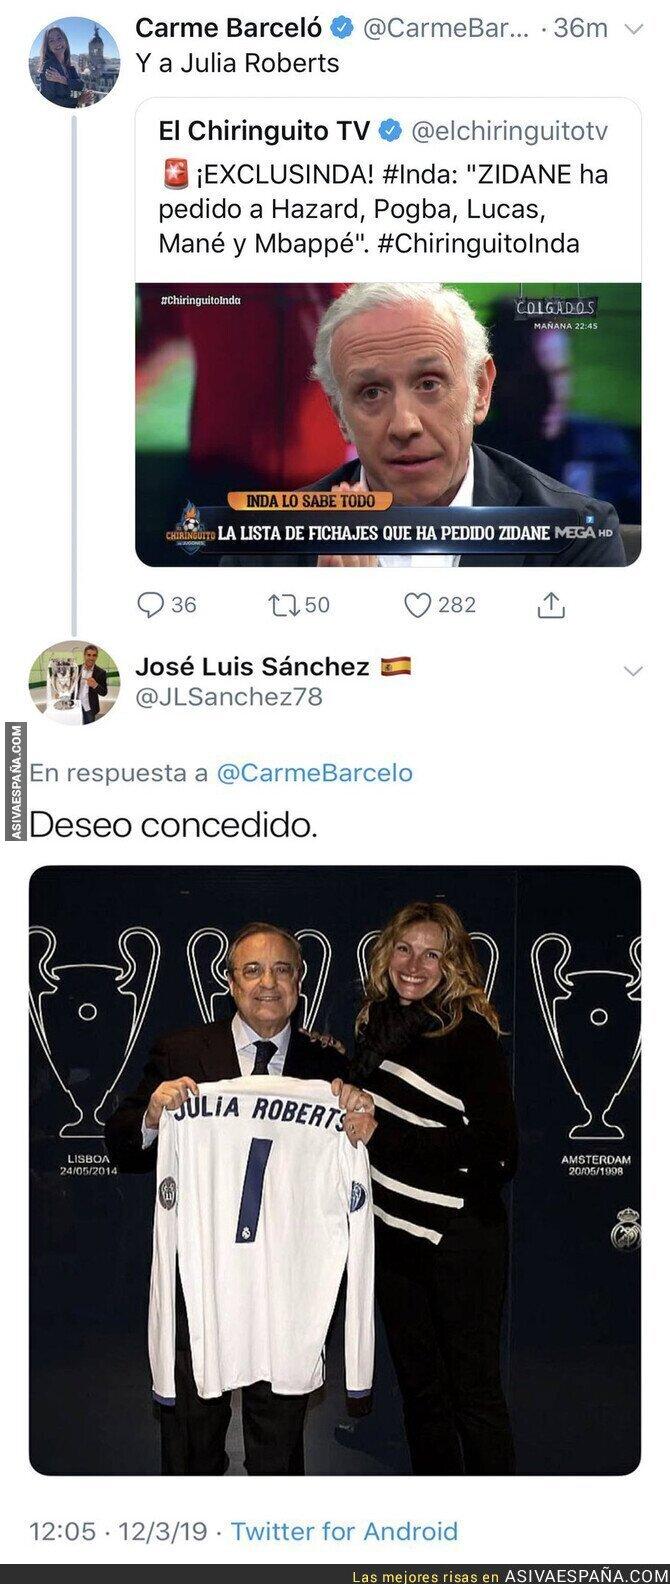 106609 - Carme Barceló intenta reírse de José Luis Sánchez por los fichajes de Zidane y se lleva una respuesta inesperada